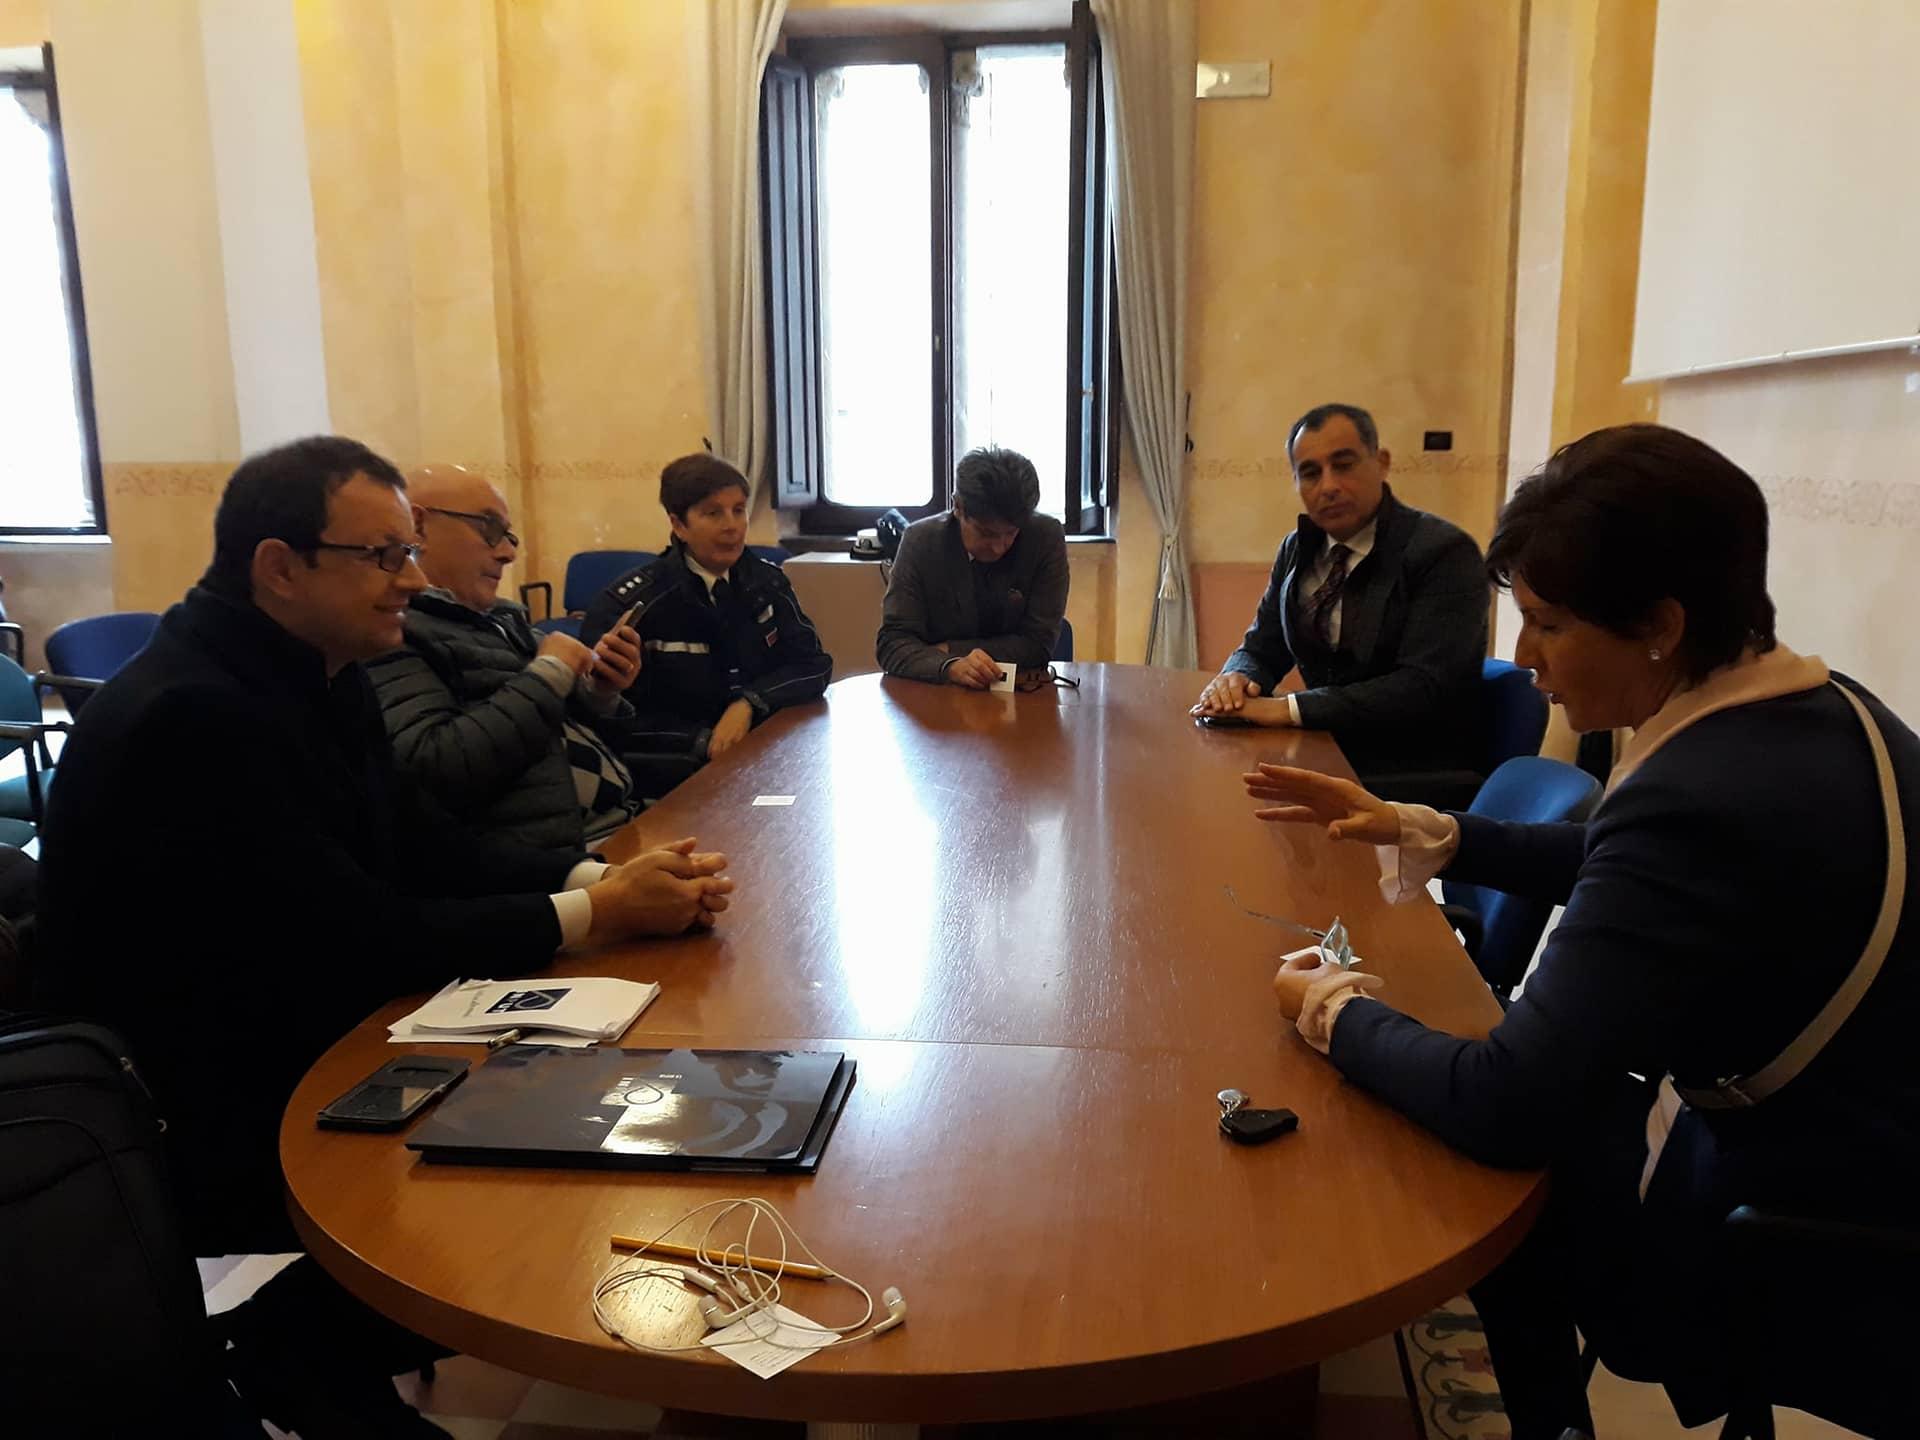 """Parcometro obsoleti, l'assessore Mazzocchi convoca una riunione per intervenire: """"La sosta auto deve essere un servizio ai cittadini e non una tassa da pagare"""""""